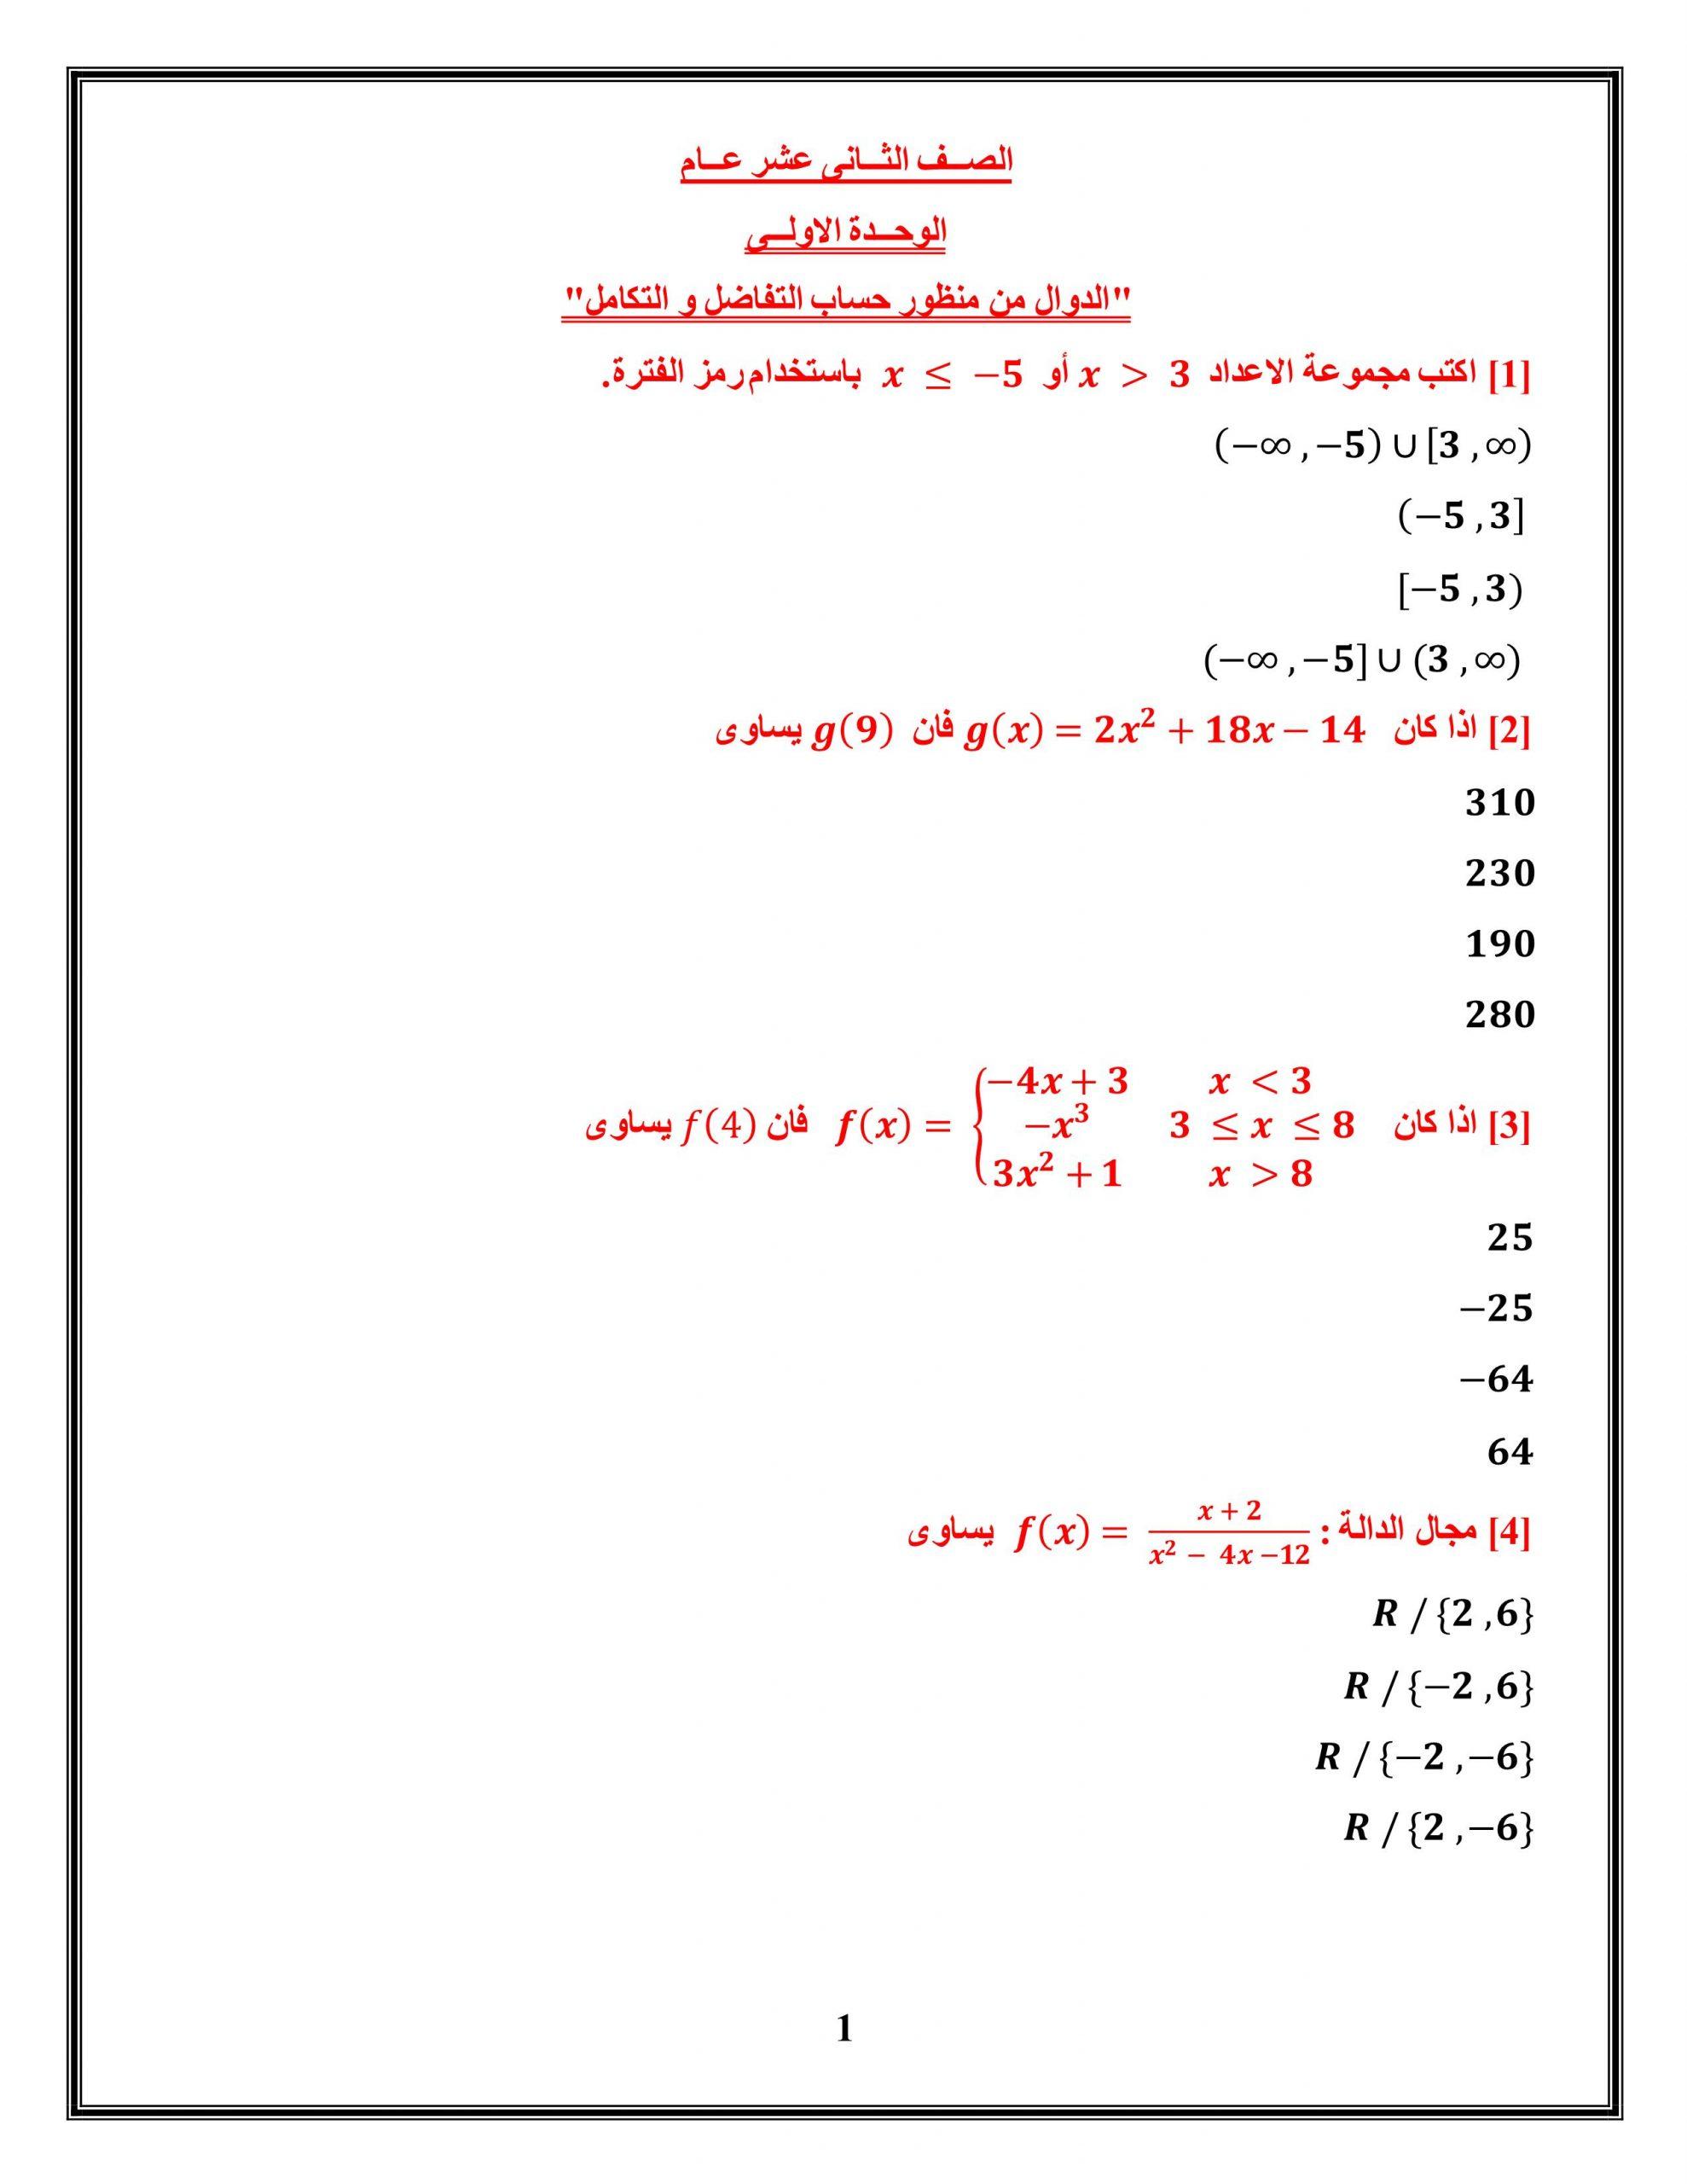 حل اوراق عمل الدوال من منظور حساب التفاضل و التكامل الصف الثاني عشر عام مادة الرياضيات المتكاملة